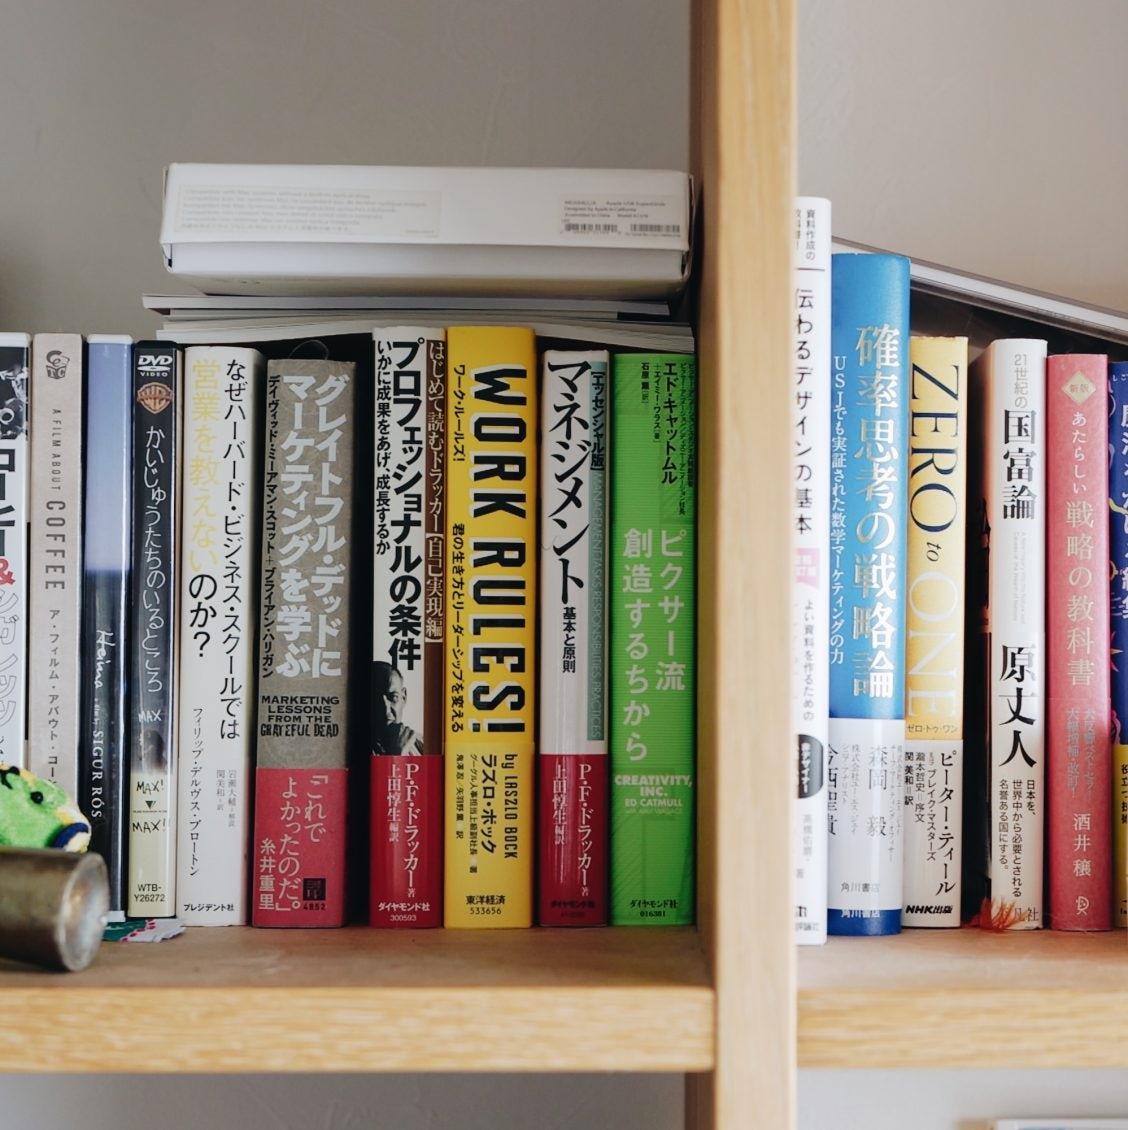 【僕のおやつ日記】まだ読んでいない本が本棚にある幸せ